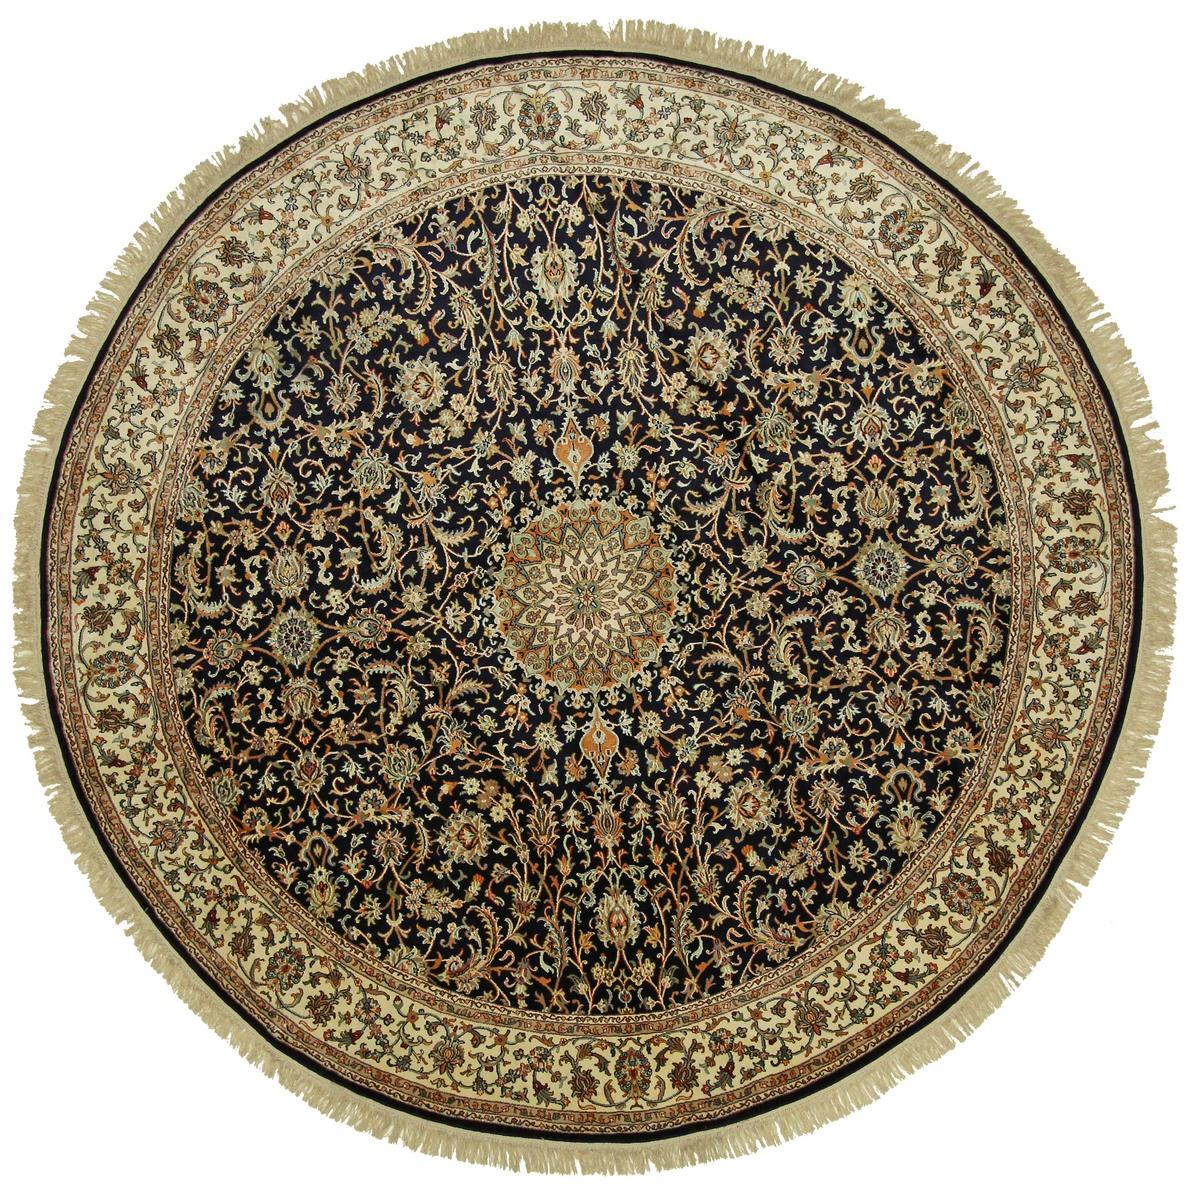 kaschmir reine seide indischer teppich 244x242 id14841. Black Bedroom Furniture Sets. Home Design Ideas